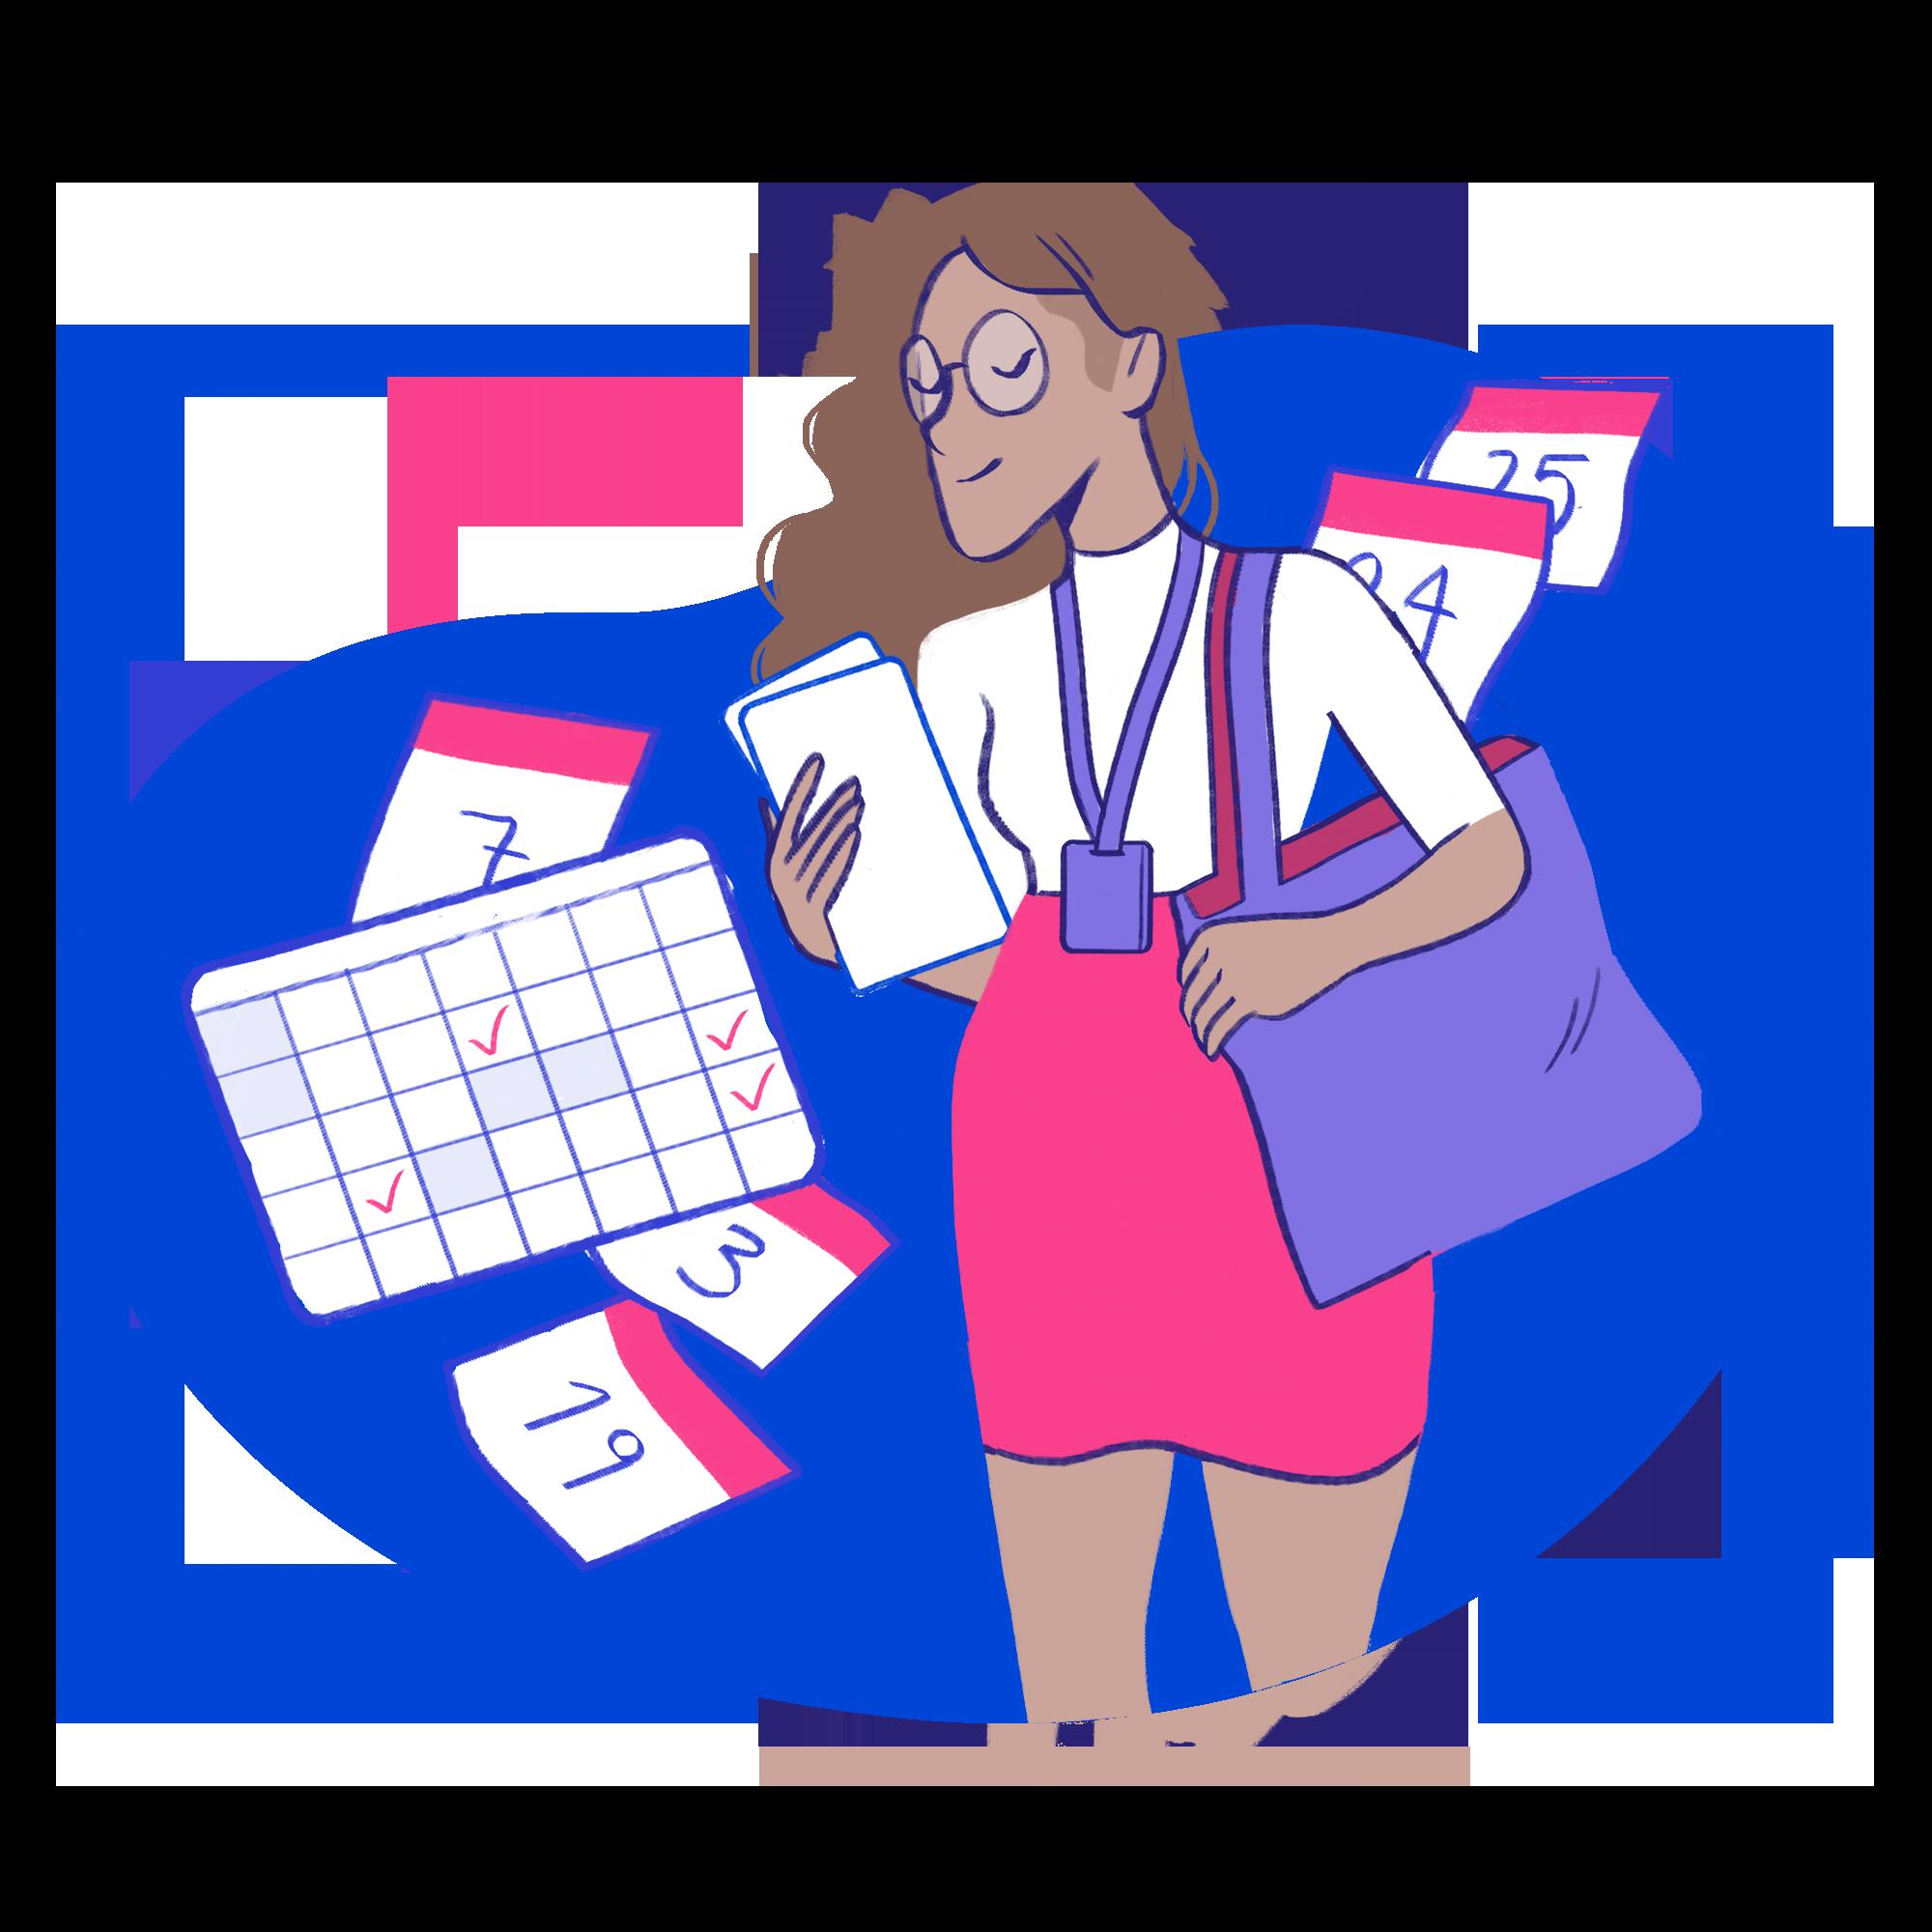 Esta imagem é uma ilustração de uma mulher com uma bolsa, olhando eventos e compromissos num calendário.